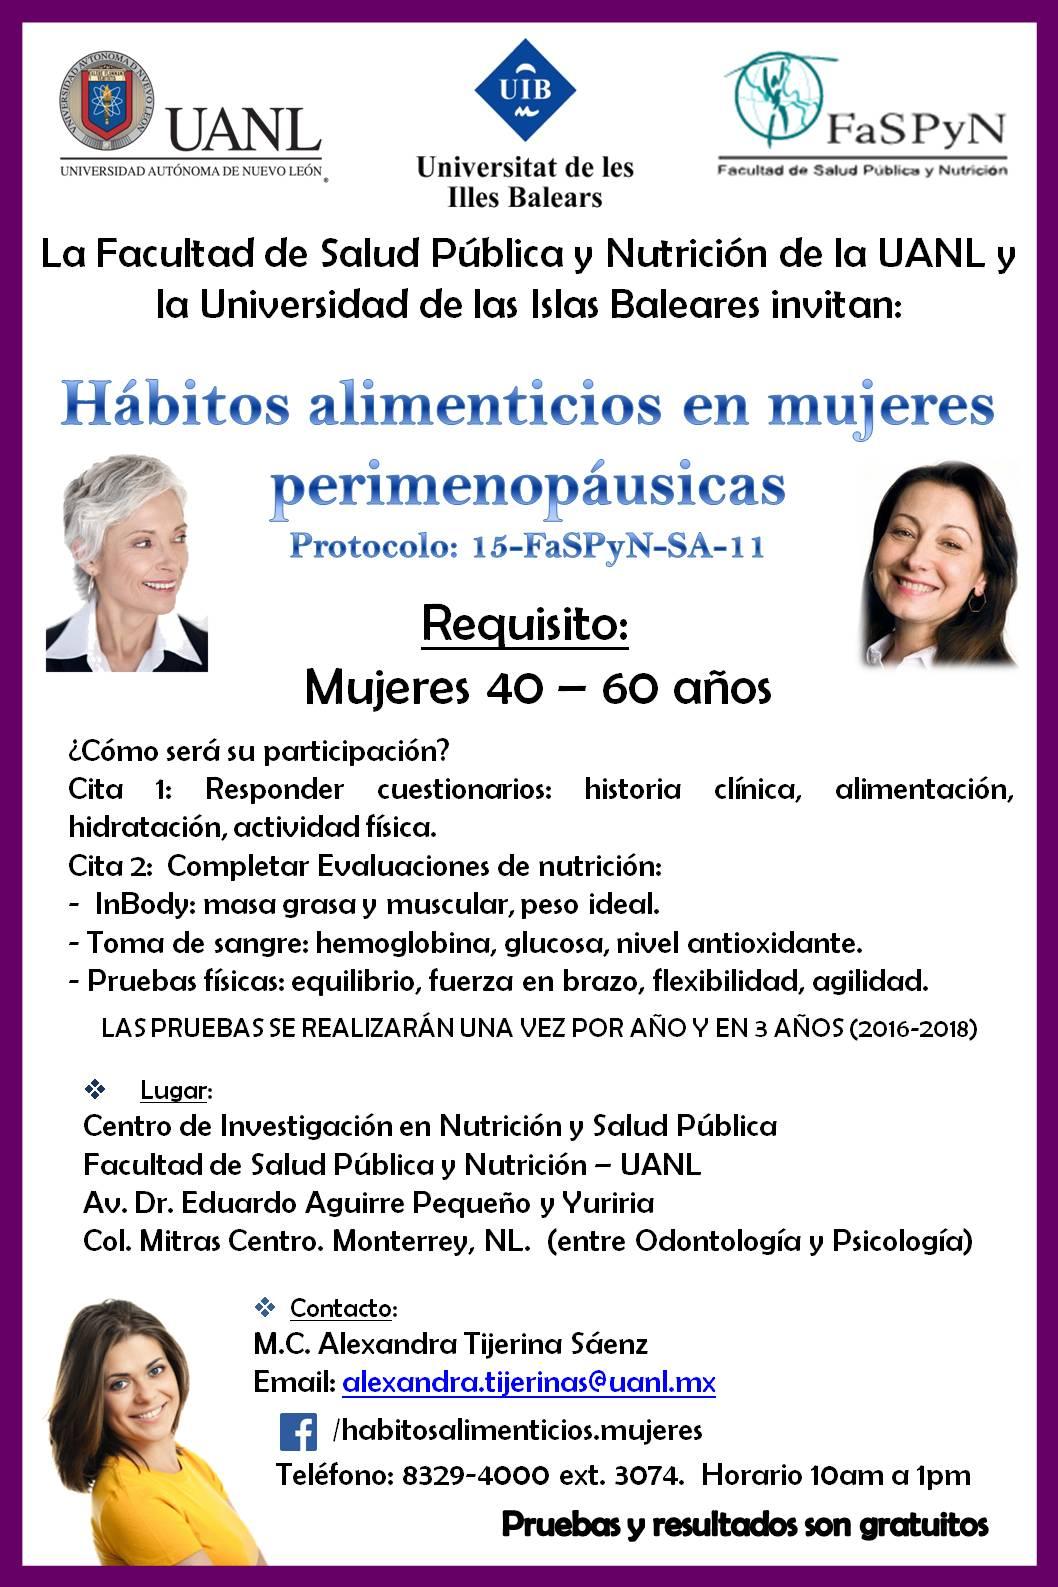 Poster Invitación Proyecto 2016